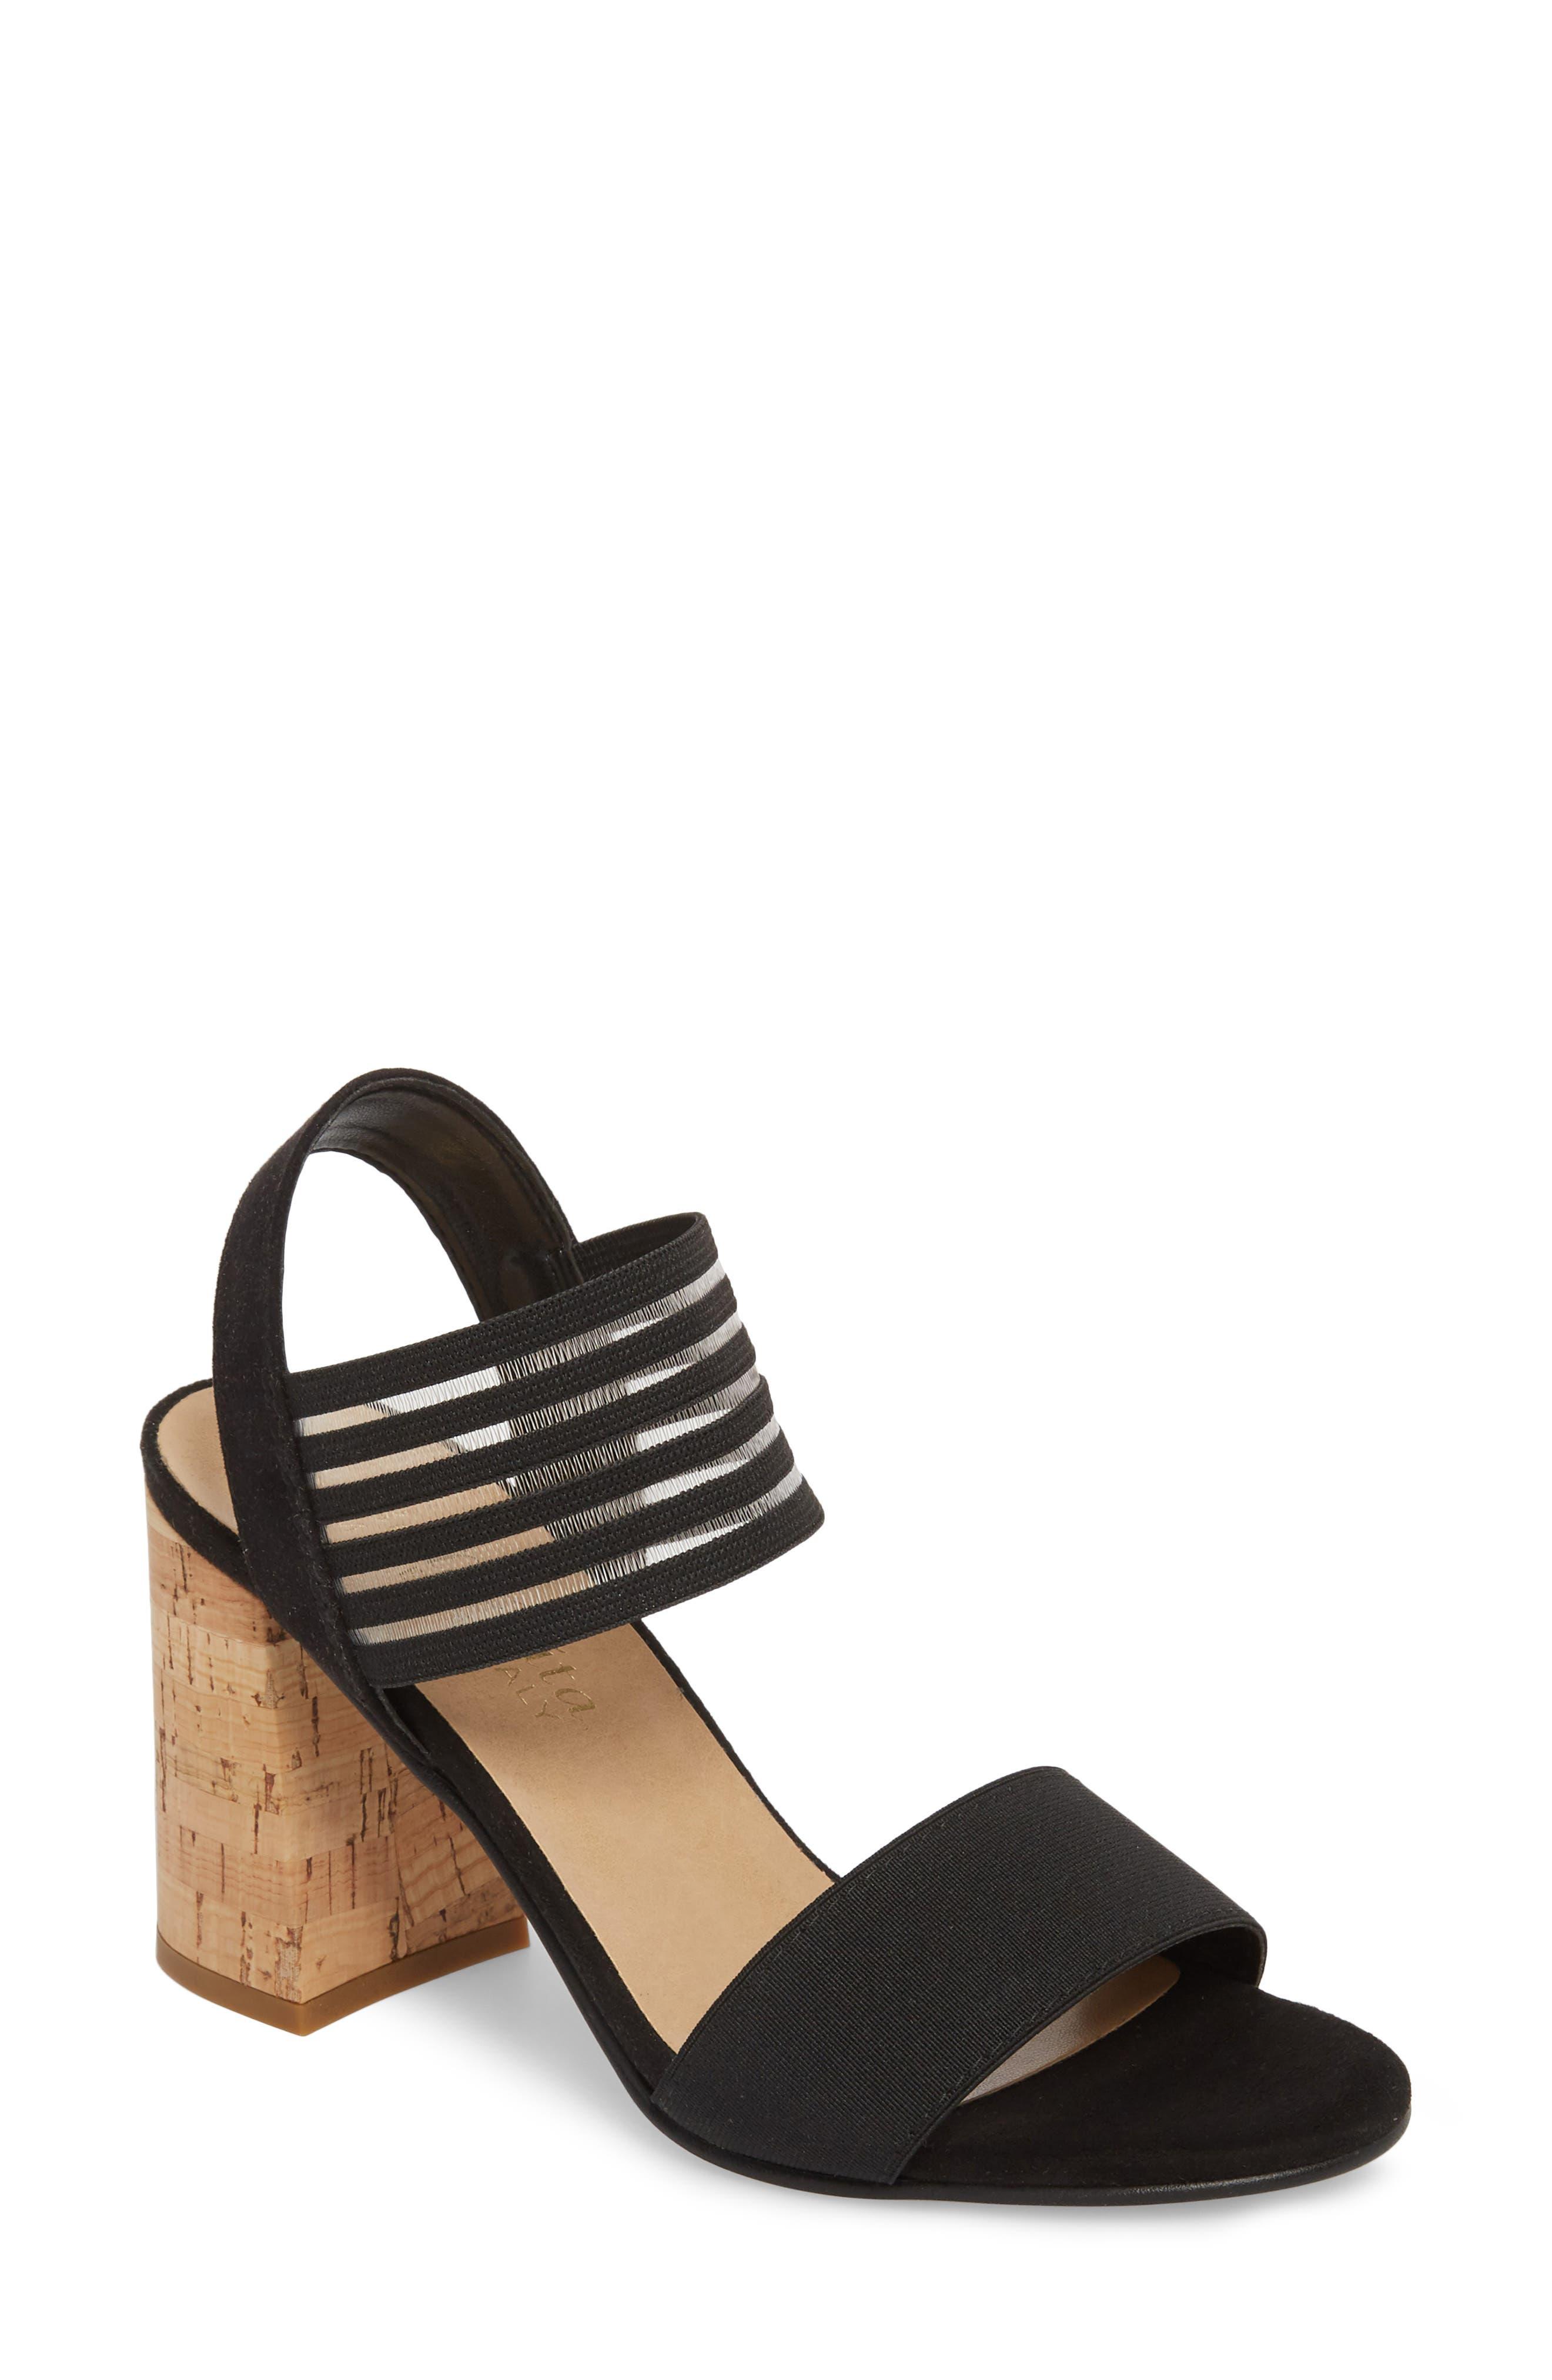 Dan Block Heel Sandal,                             Main thumbnail 1, color,                             Black Leather